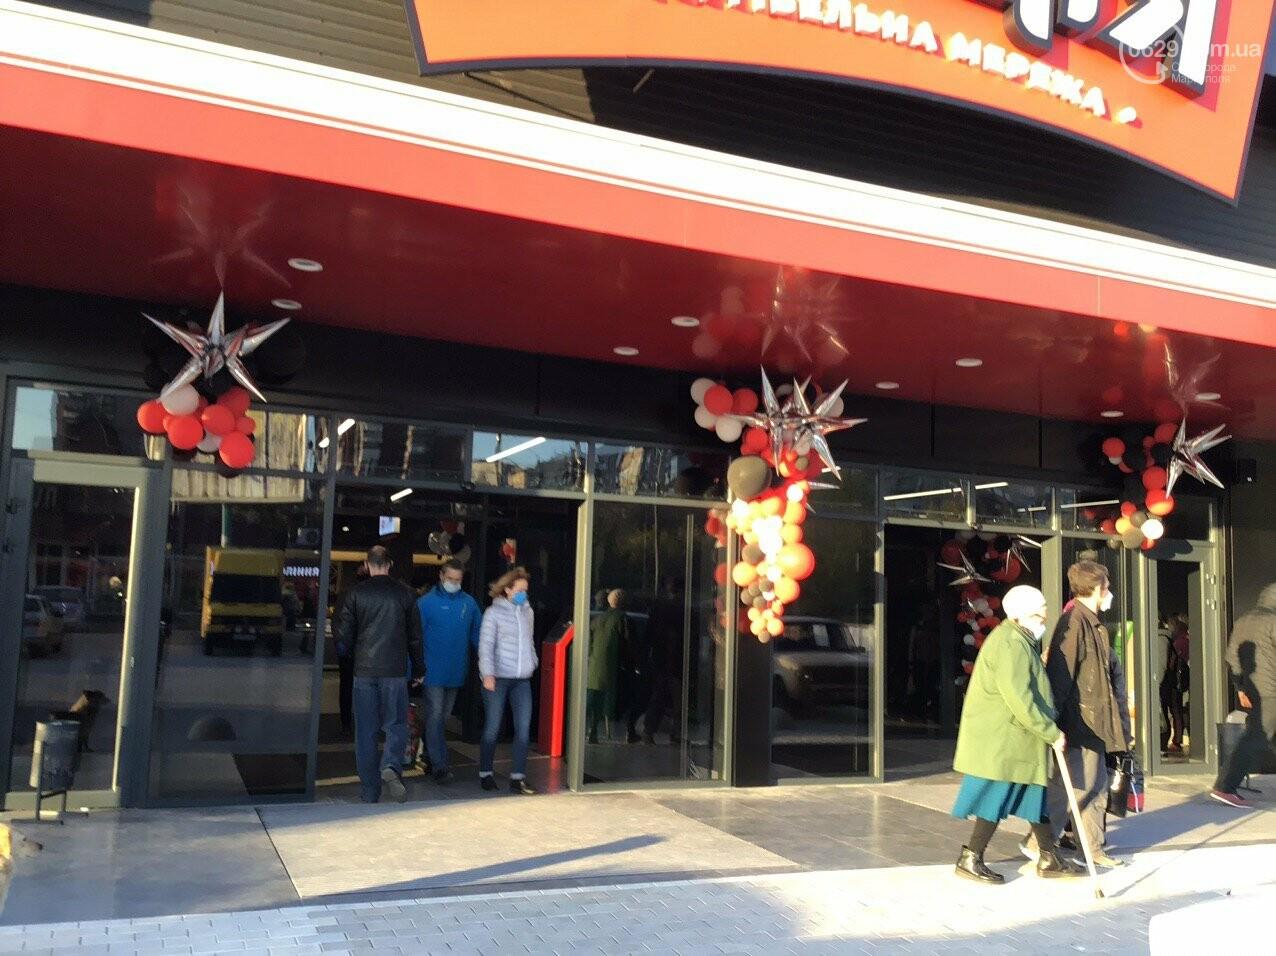 Скандальный супермаркет в Мариуполе возобновил свою работу после отъезда полиции, - ФОТО, фото-1